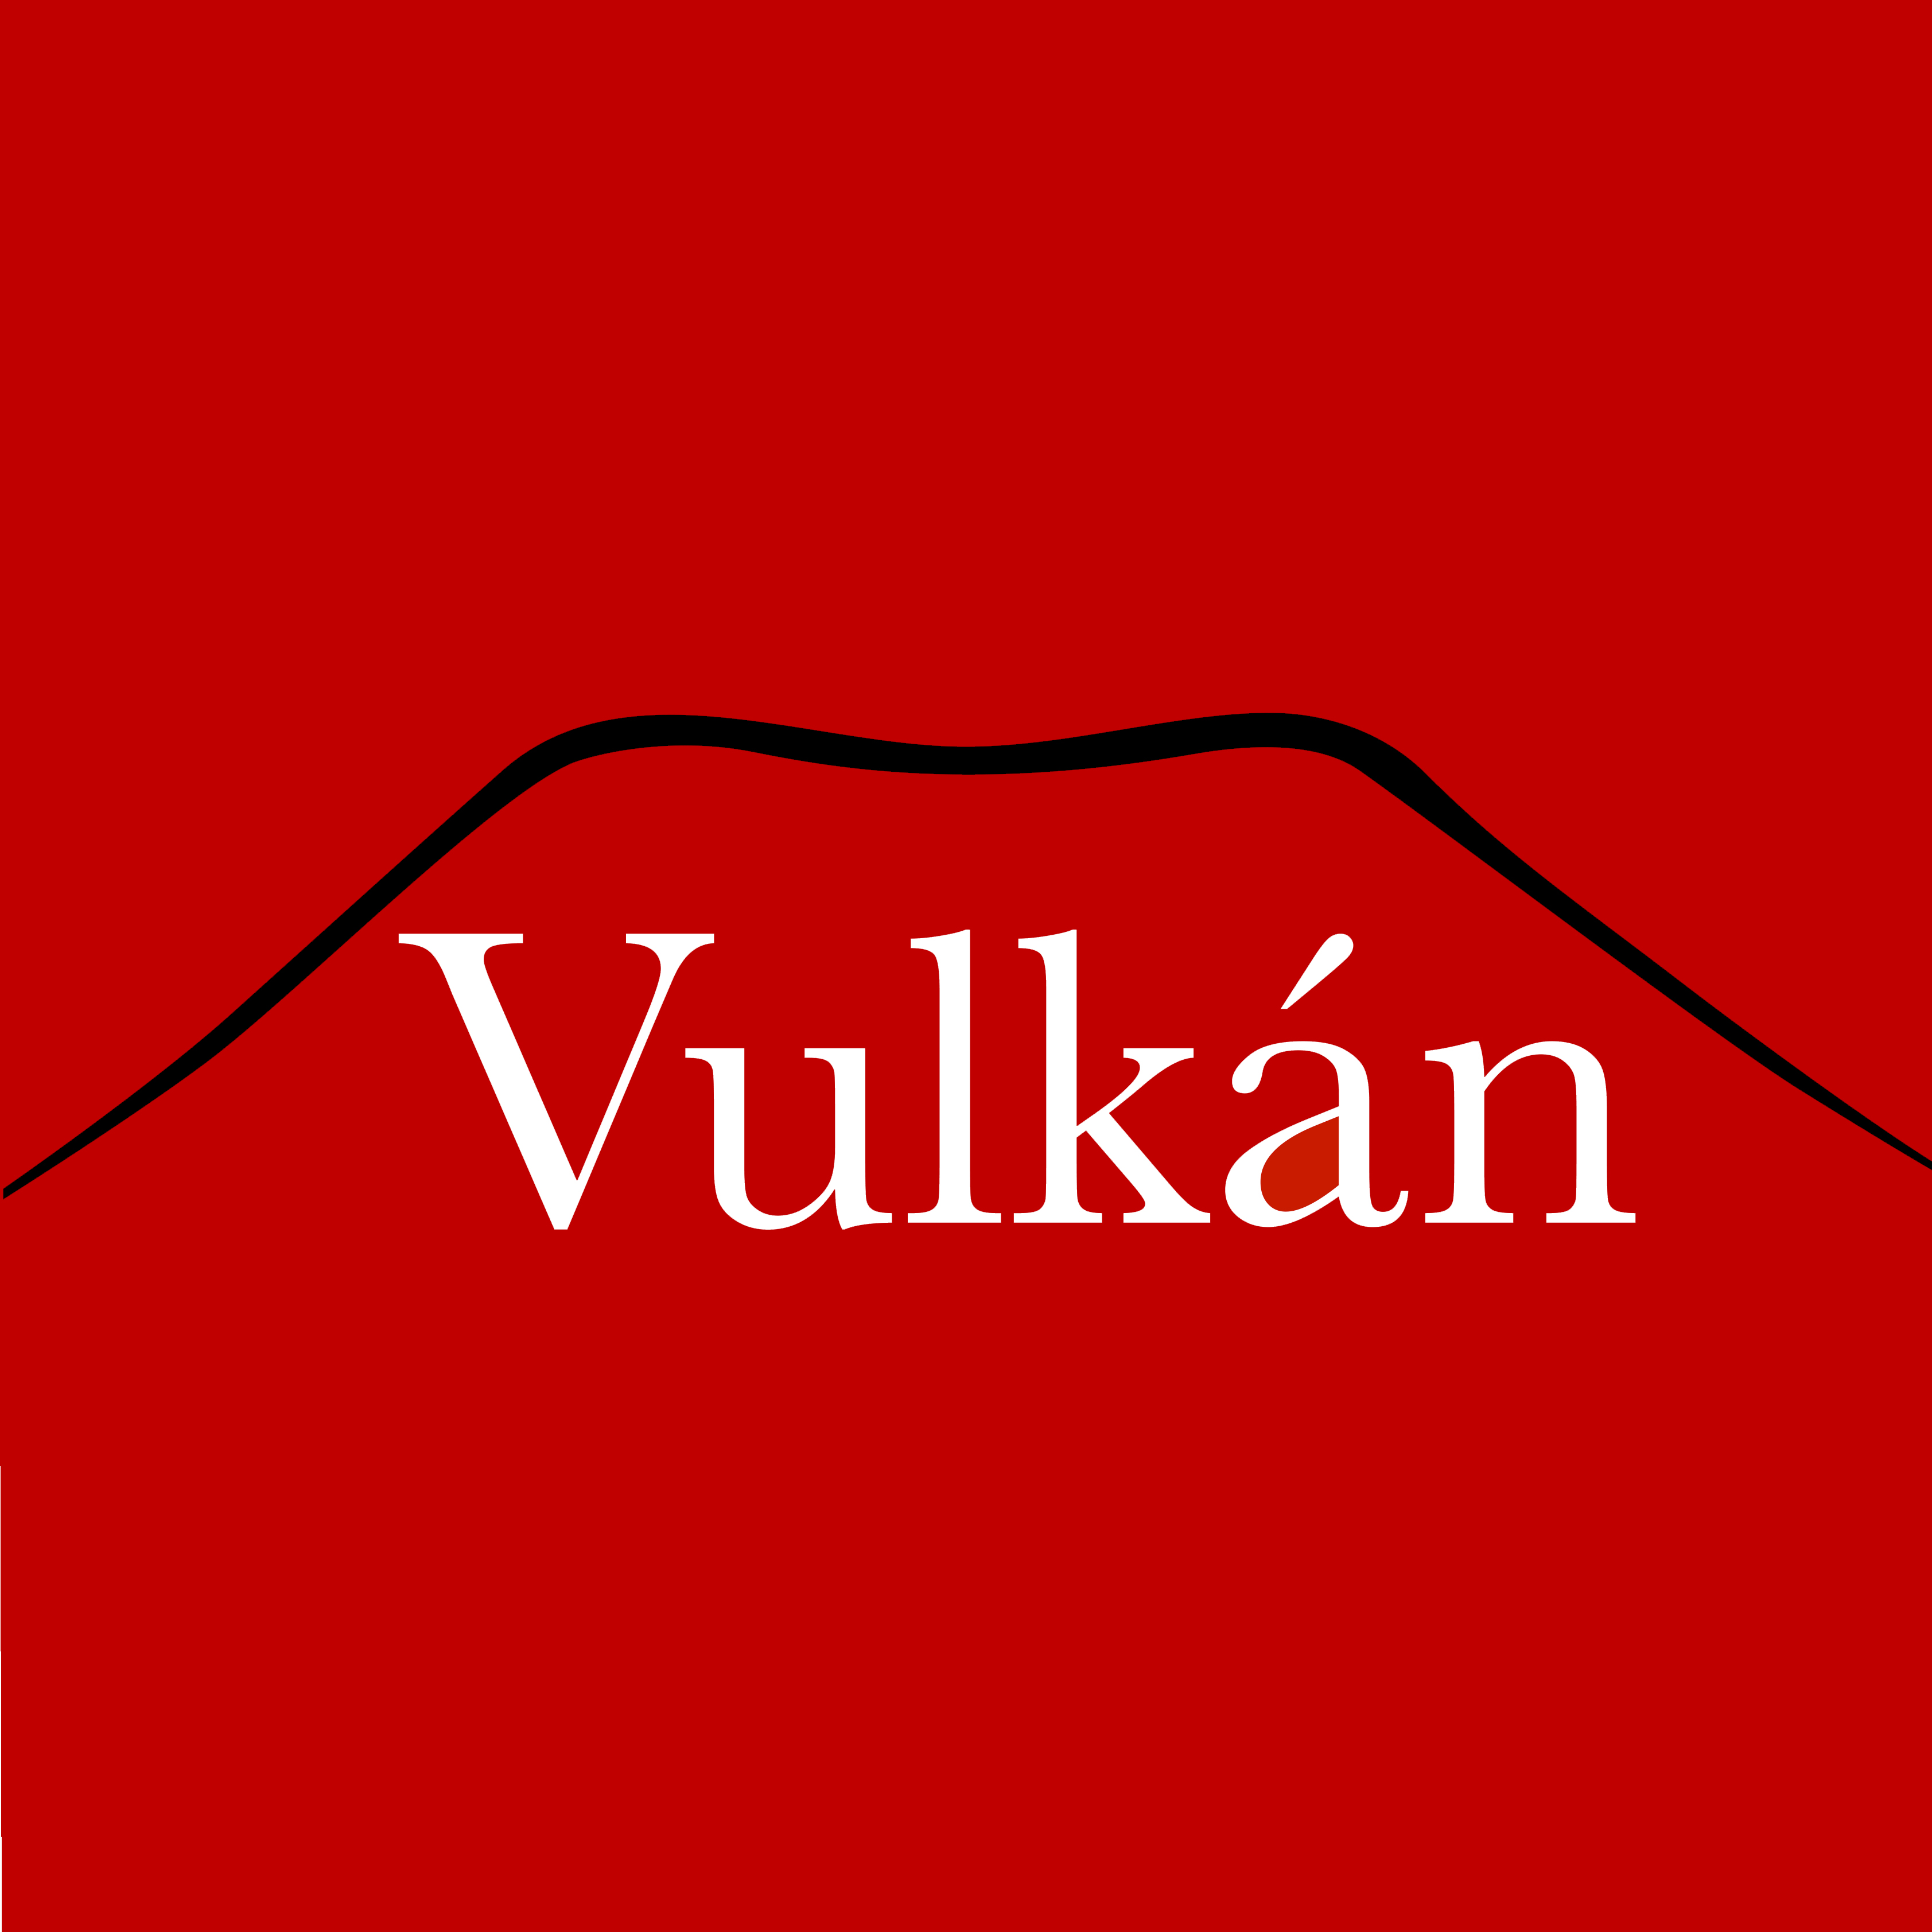 vulkan_2.jpg